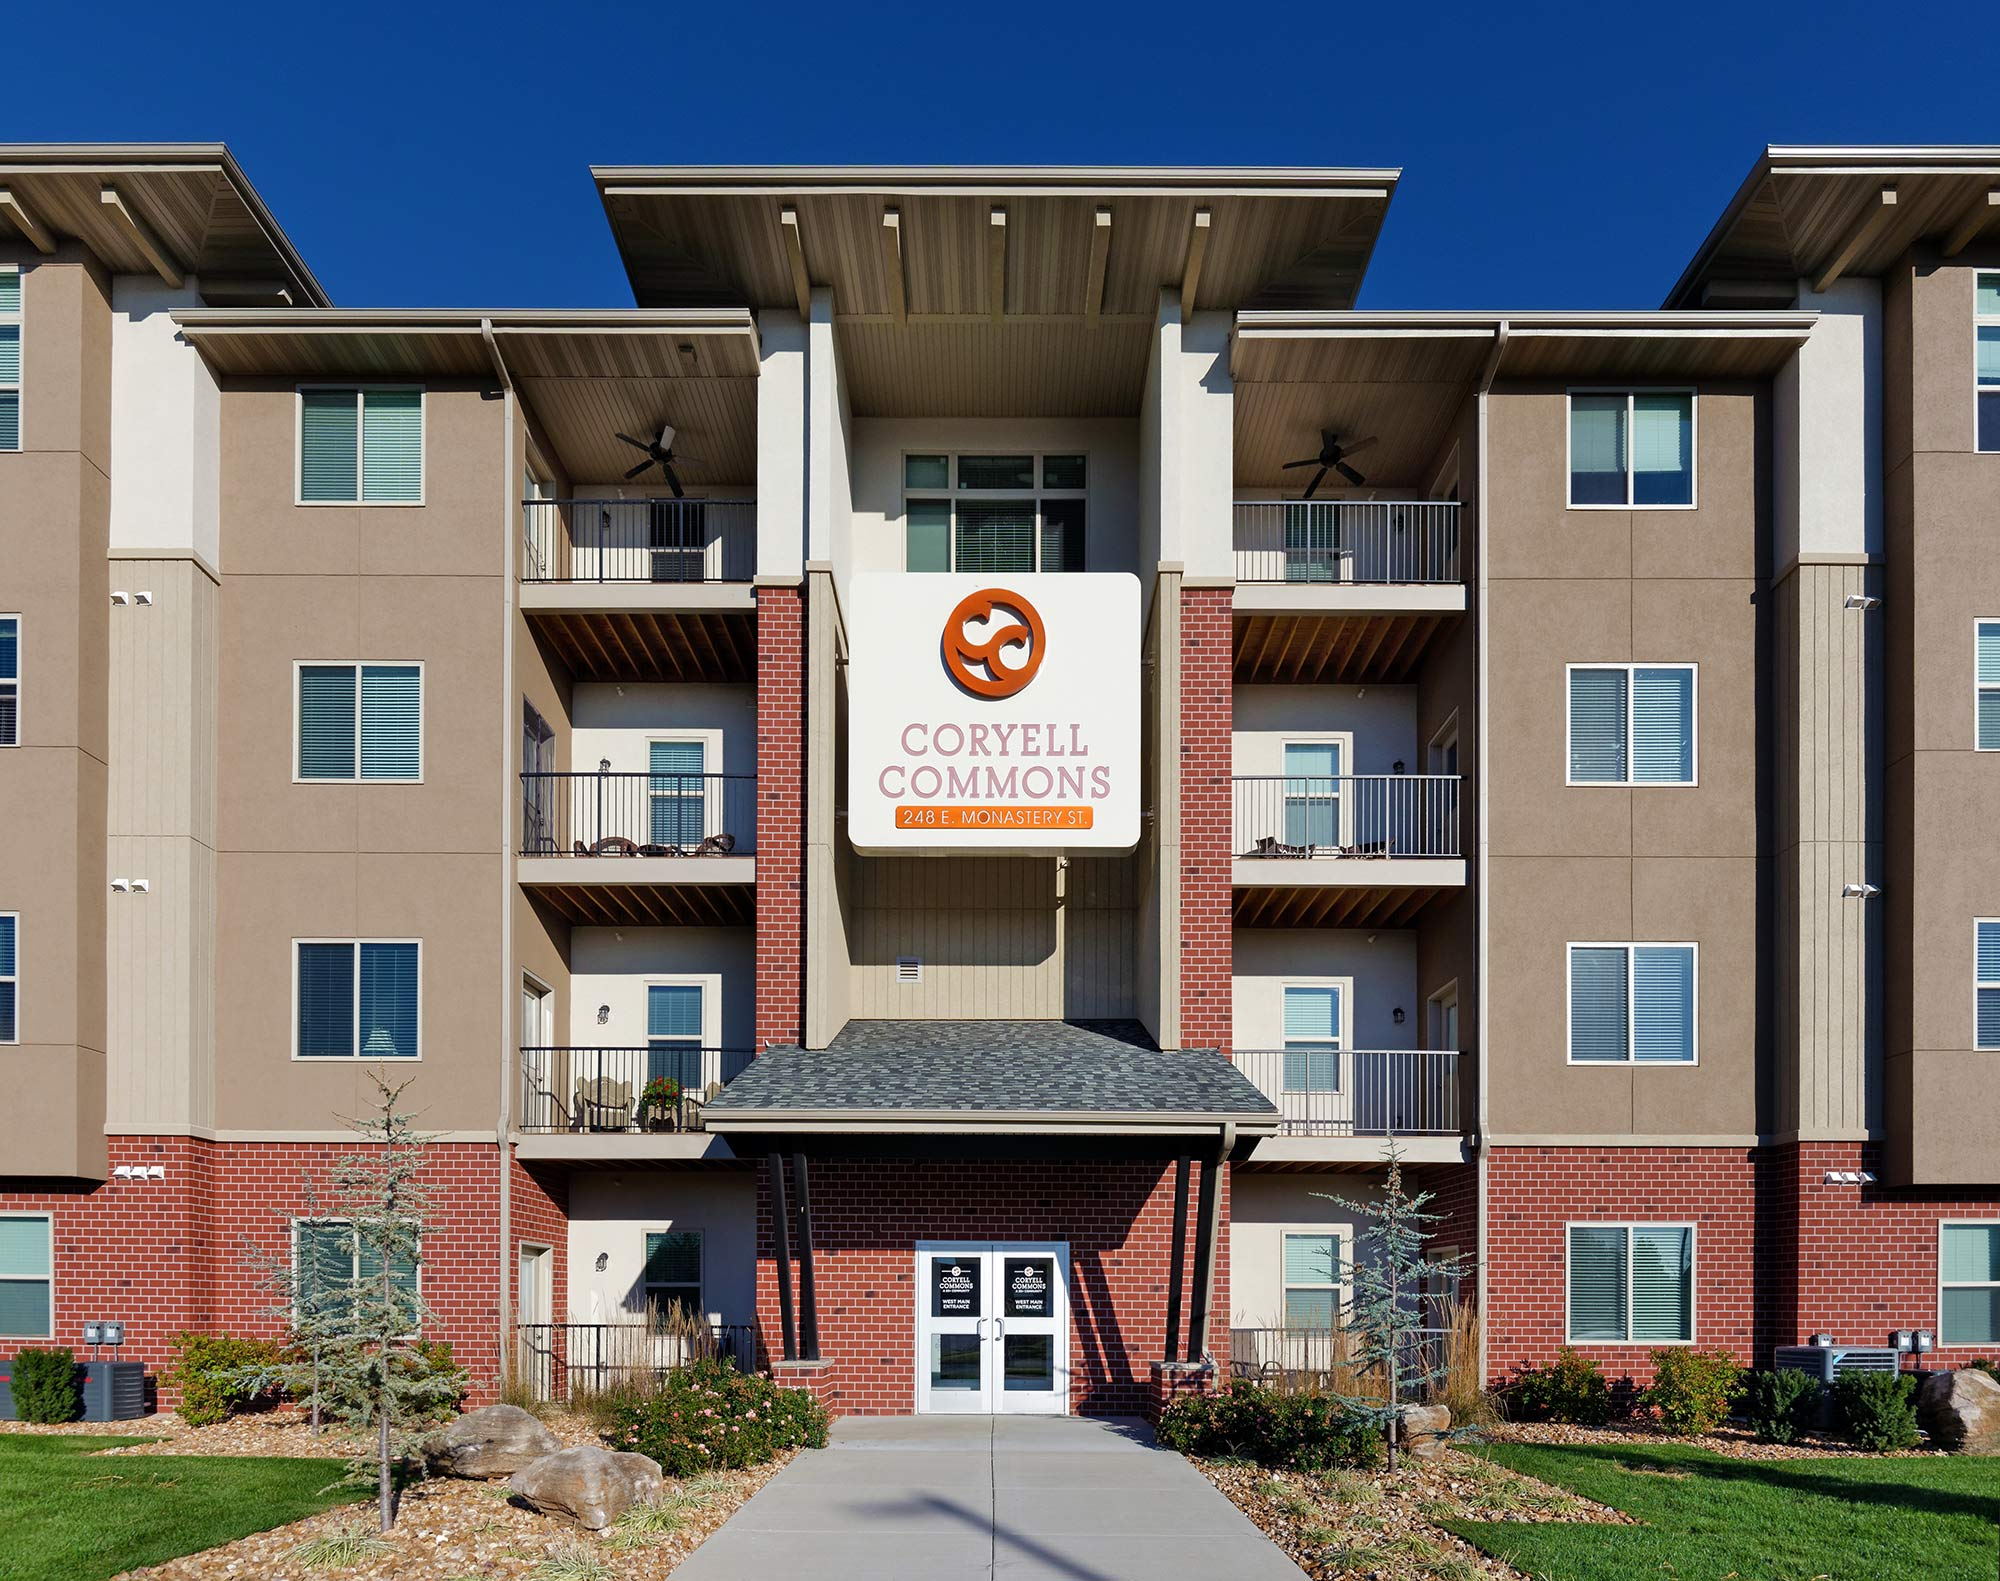 55+ Retirement / Senior Apartment Community